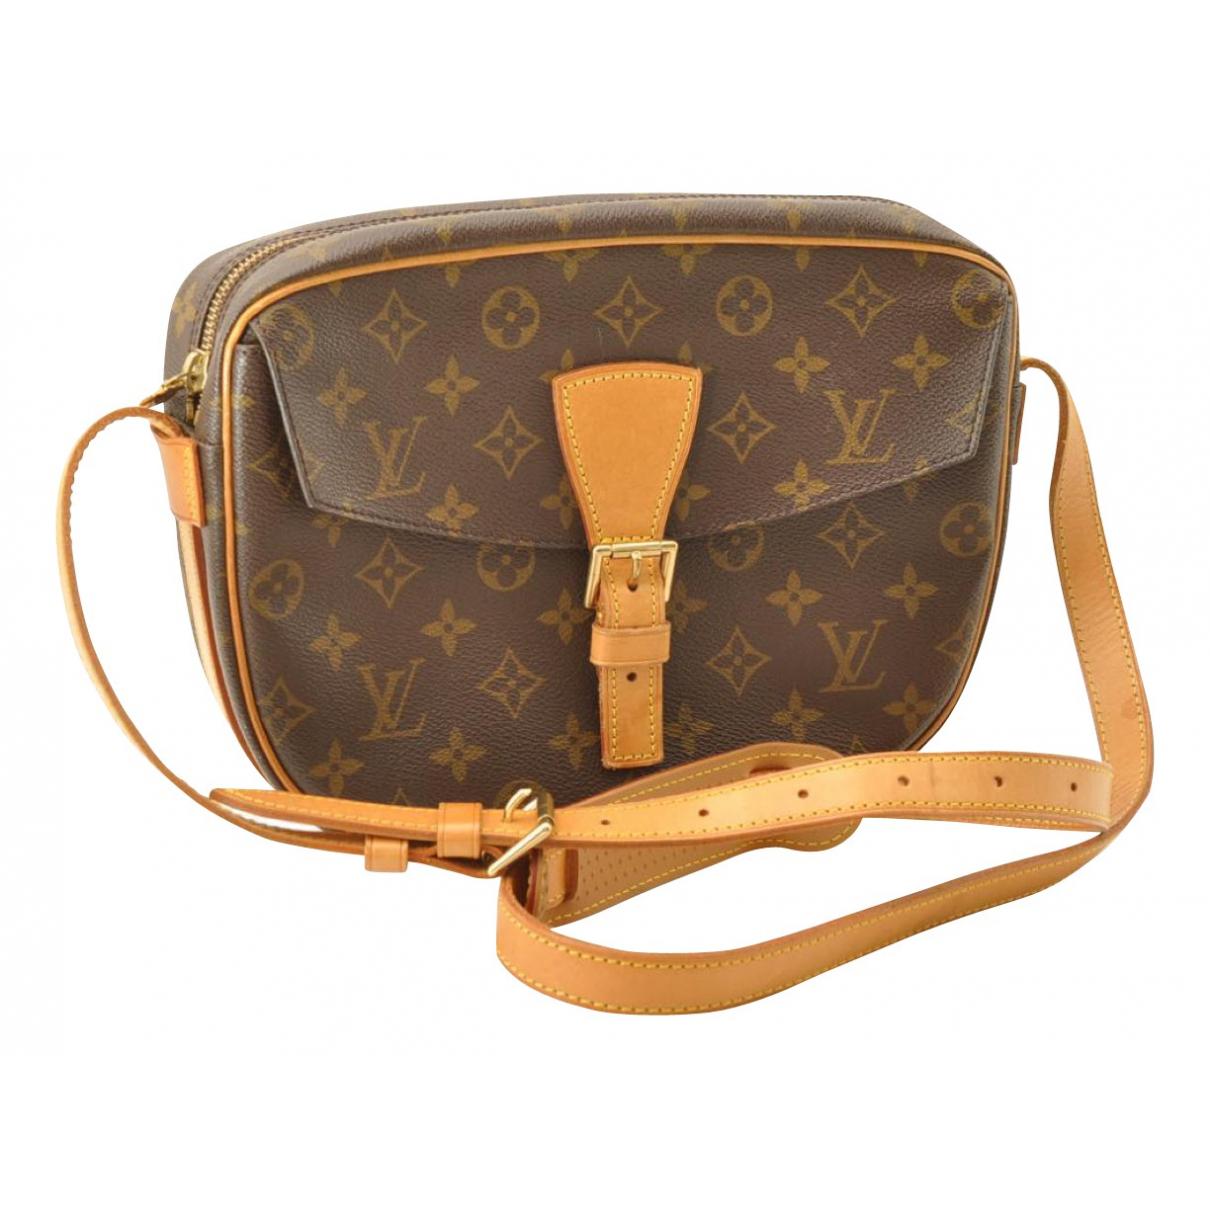 Louis Vuitton - Sac a main Jeune fille  pour femme en toile - marron